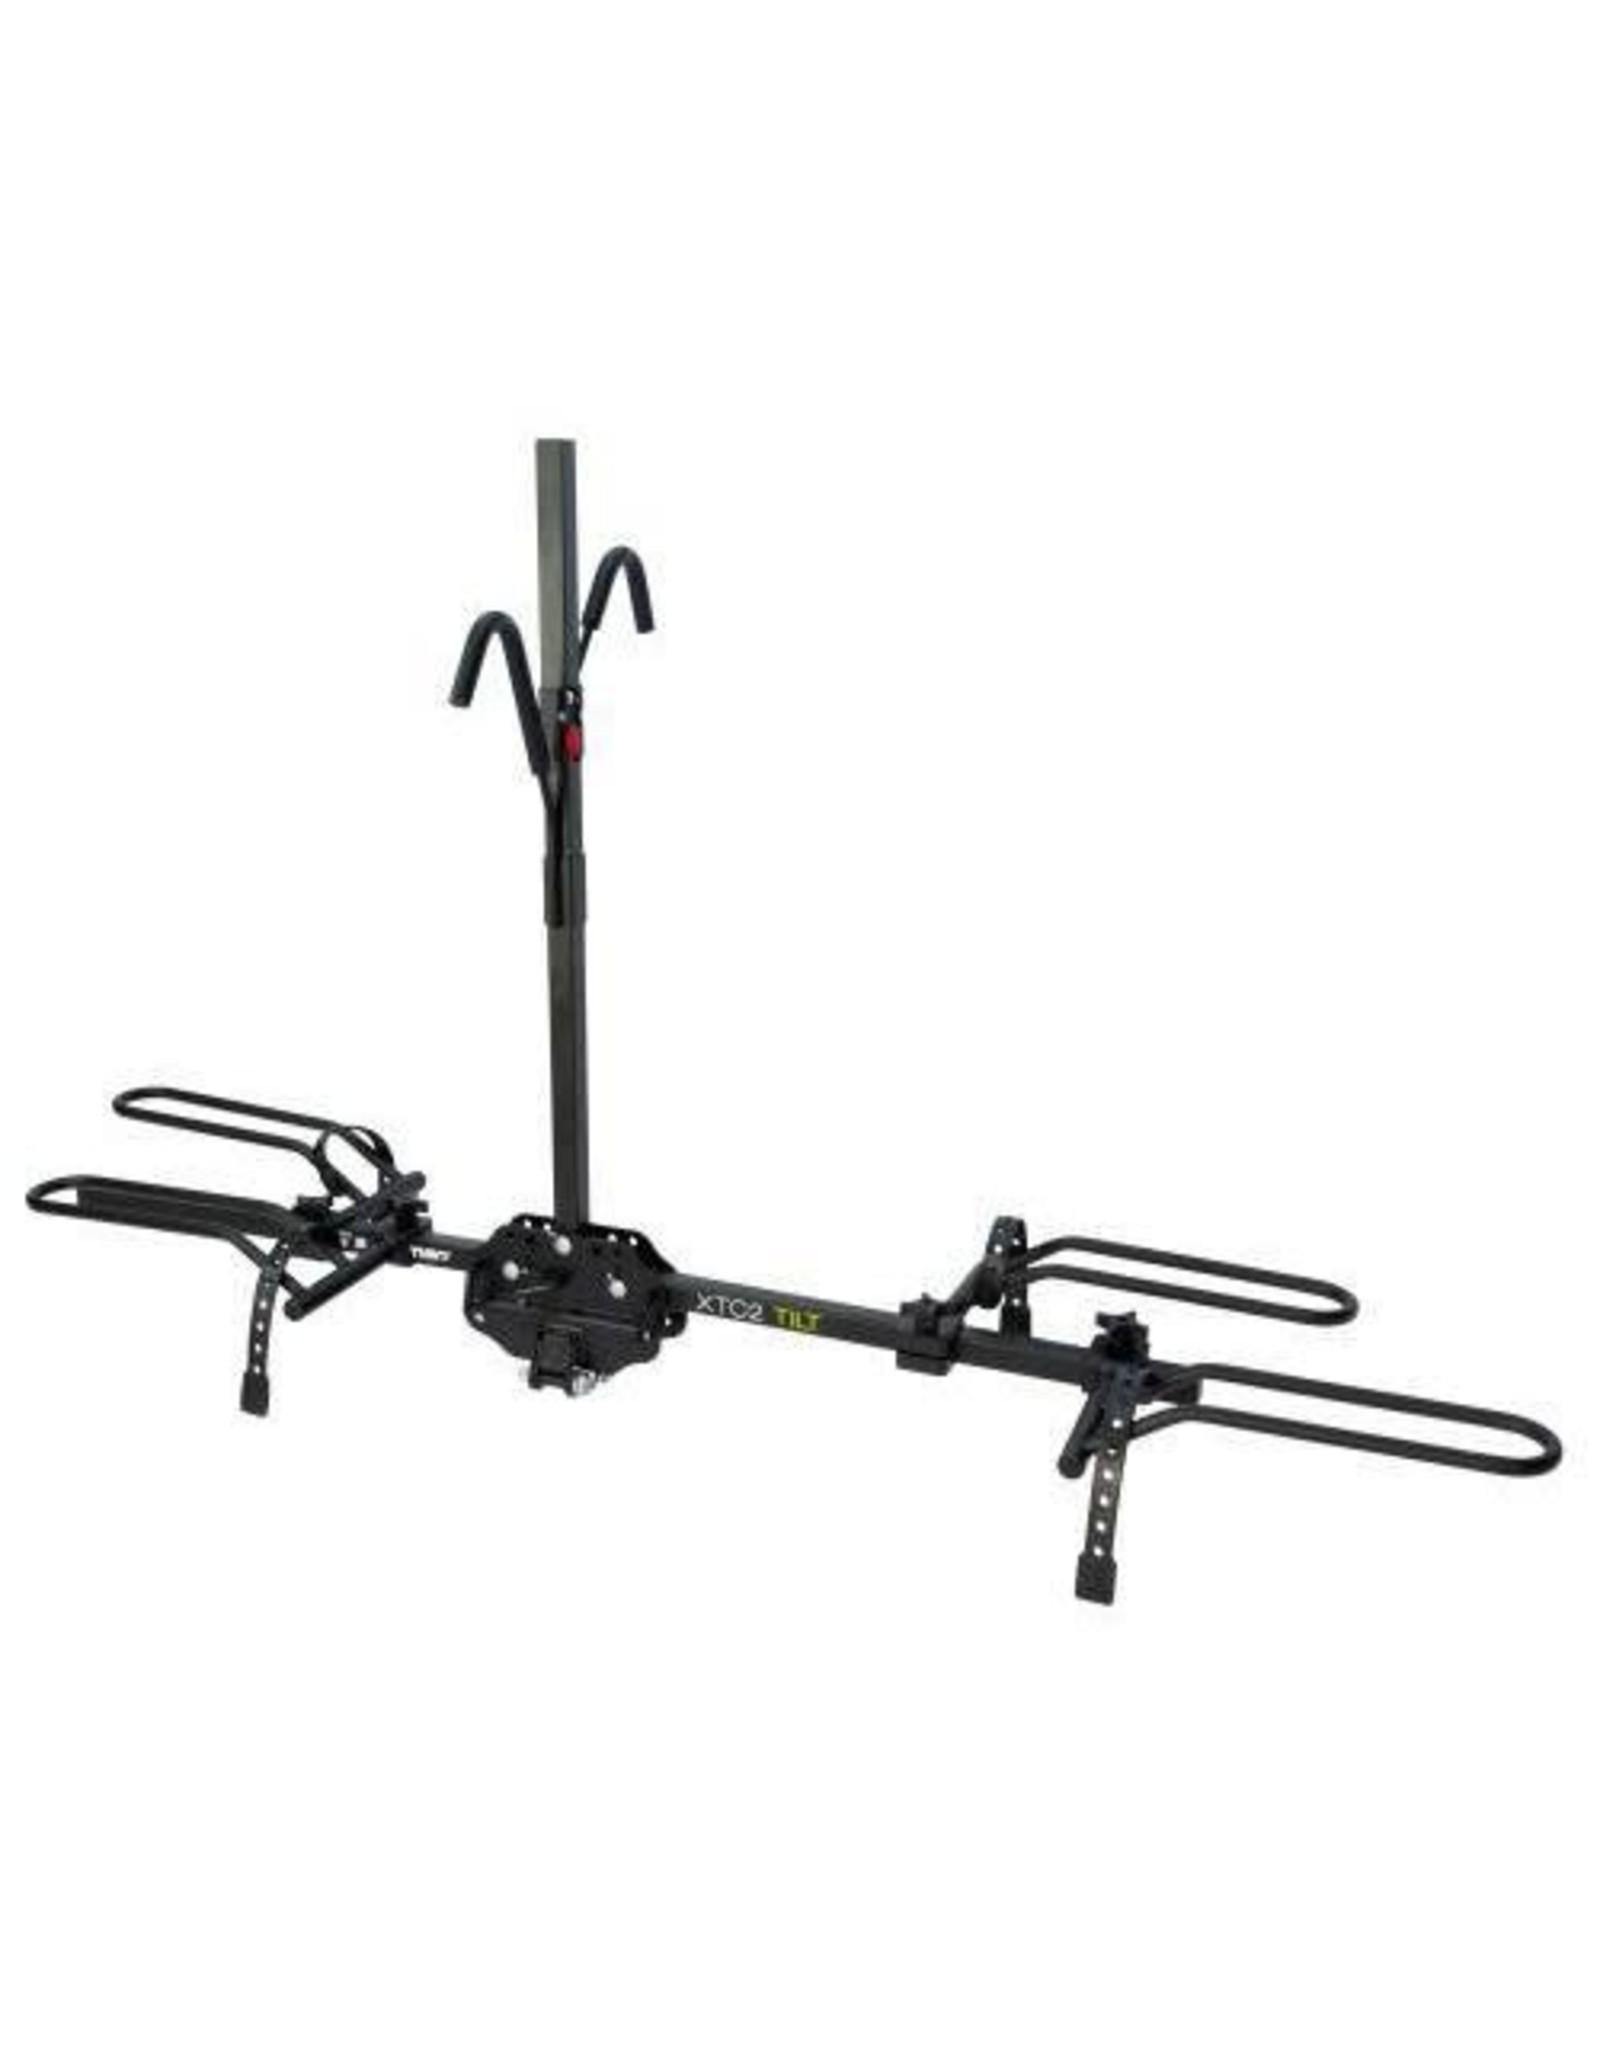 Swagman Swagman XTC 2 Tilt bike rack